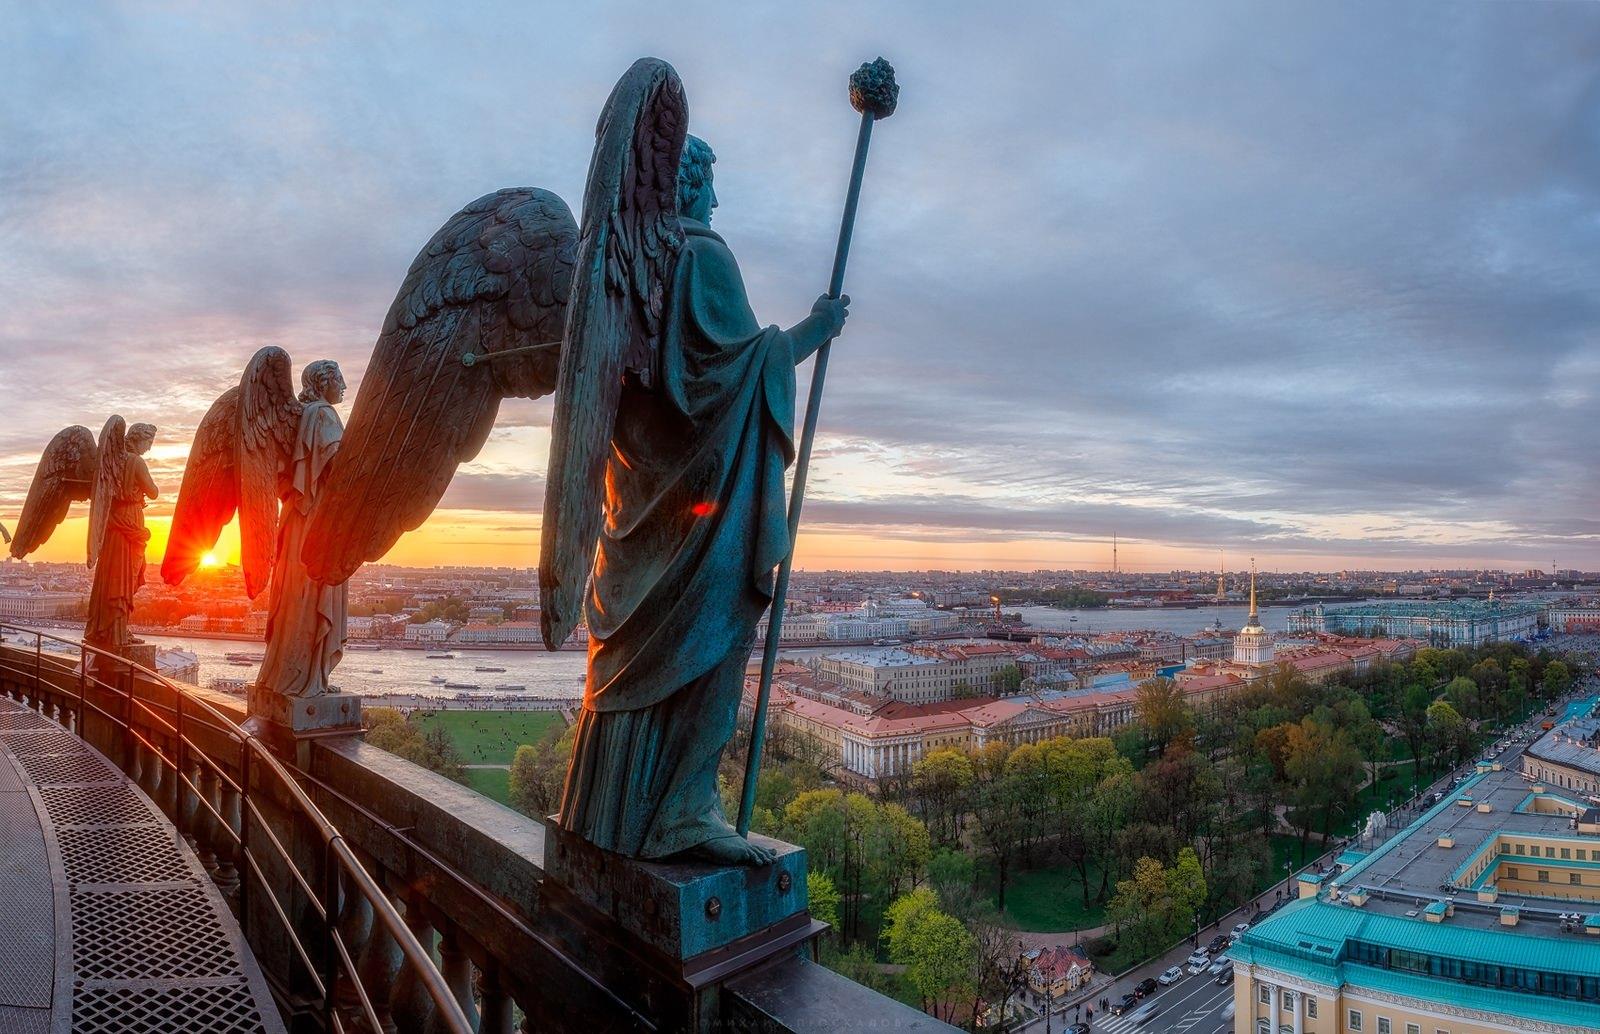 ангелы в санкт-петербурге картинки ресторанов